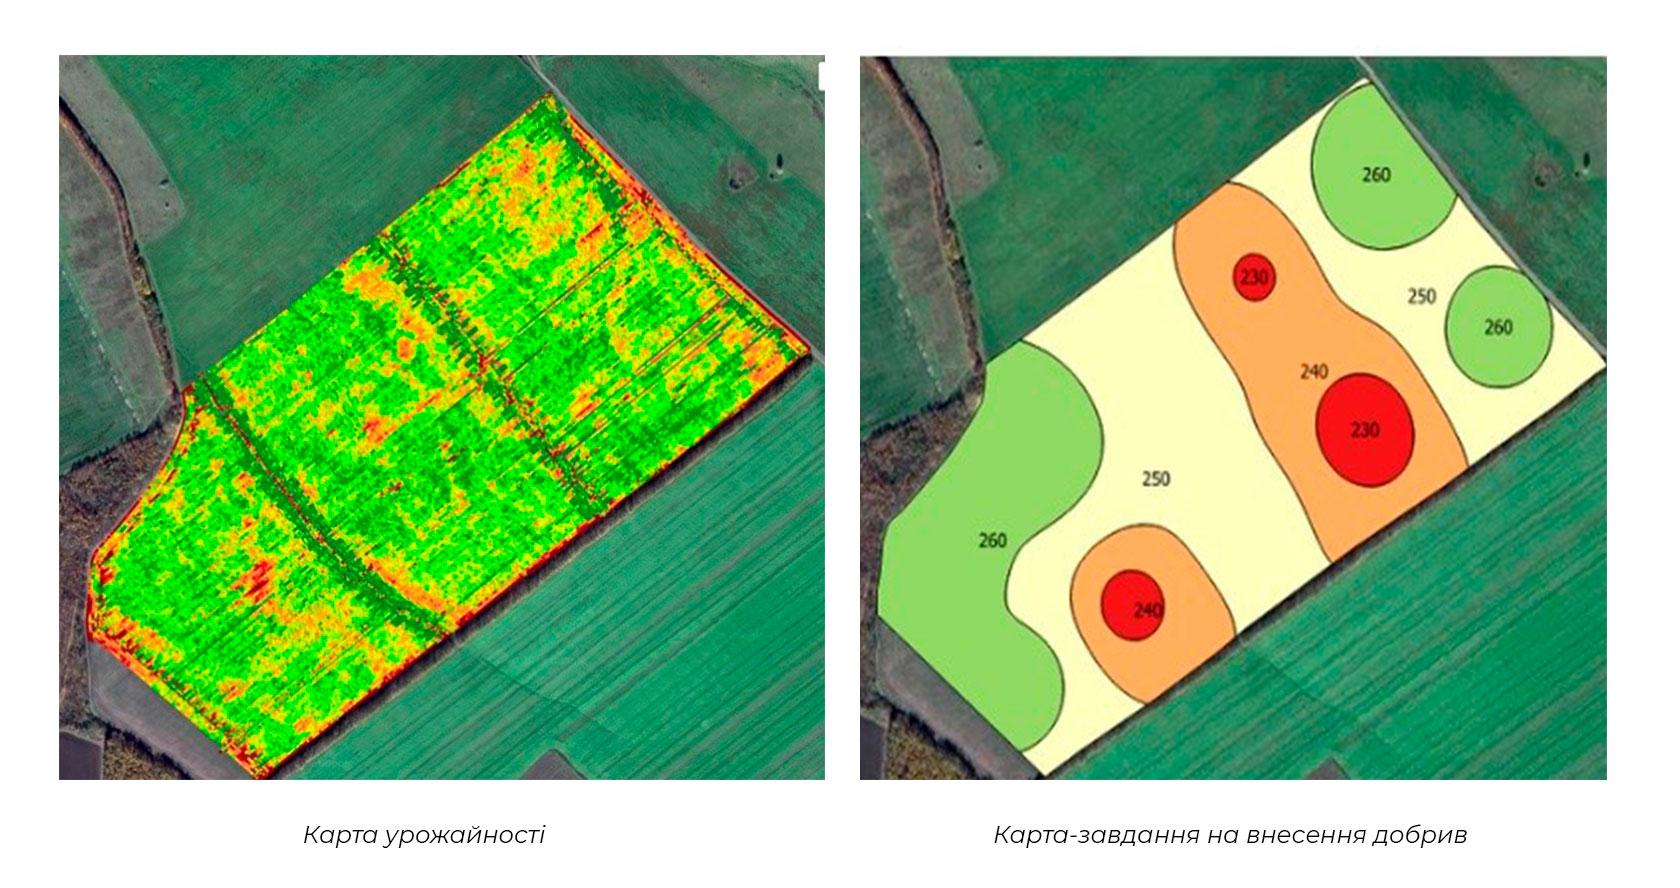 Картування врожайності